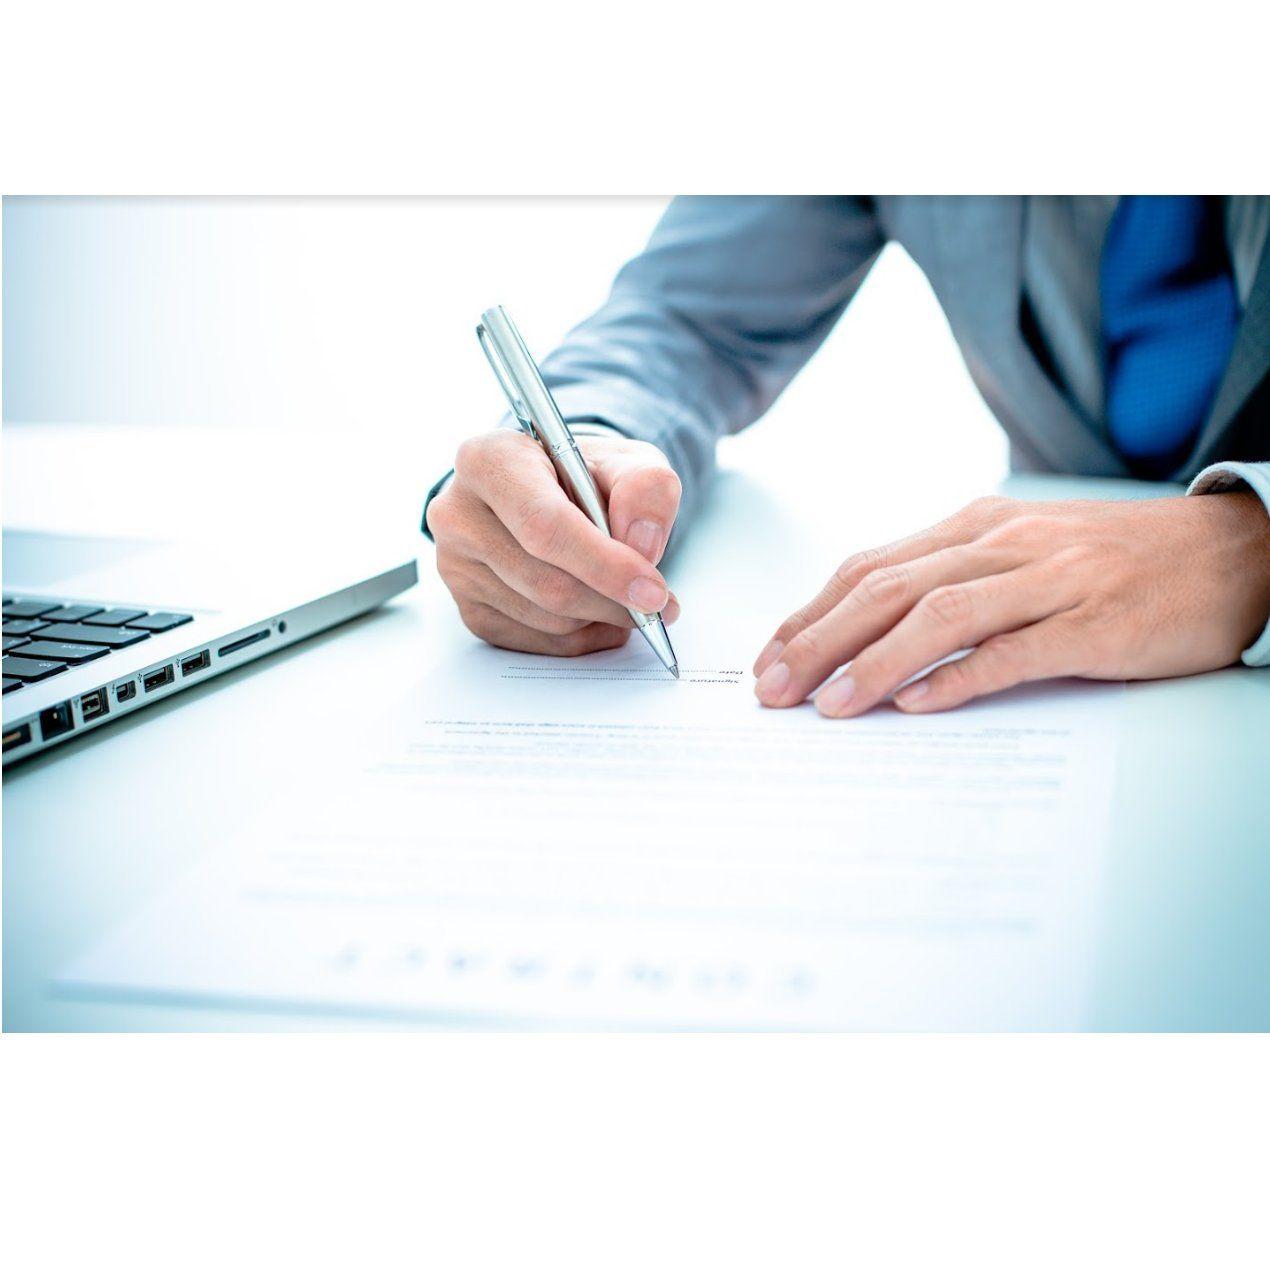 Proyectos y legalizaciones: Servicios de Licencia y Apertura